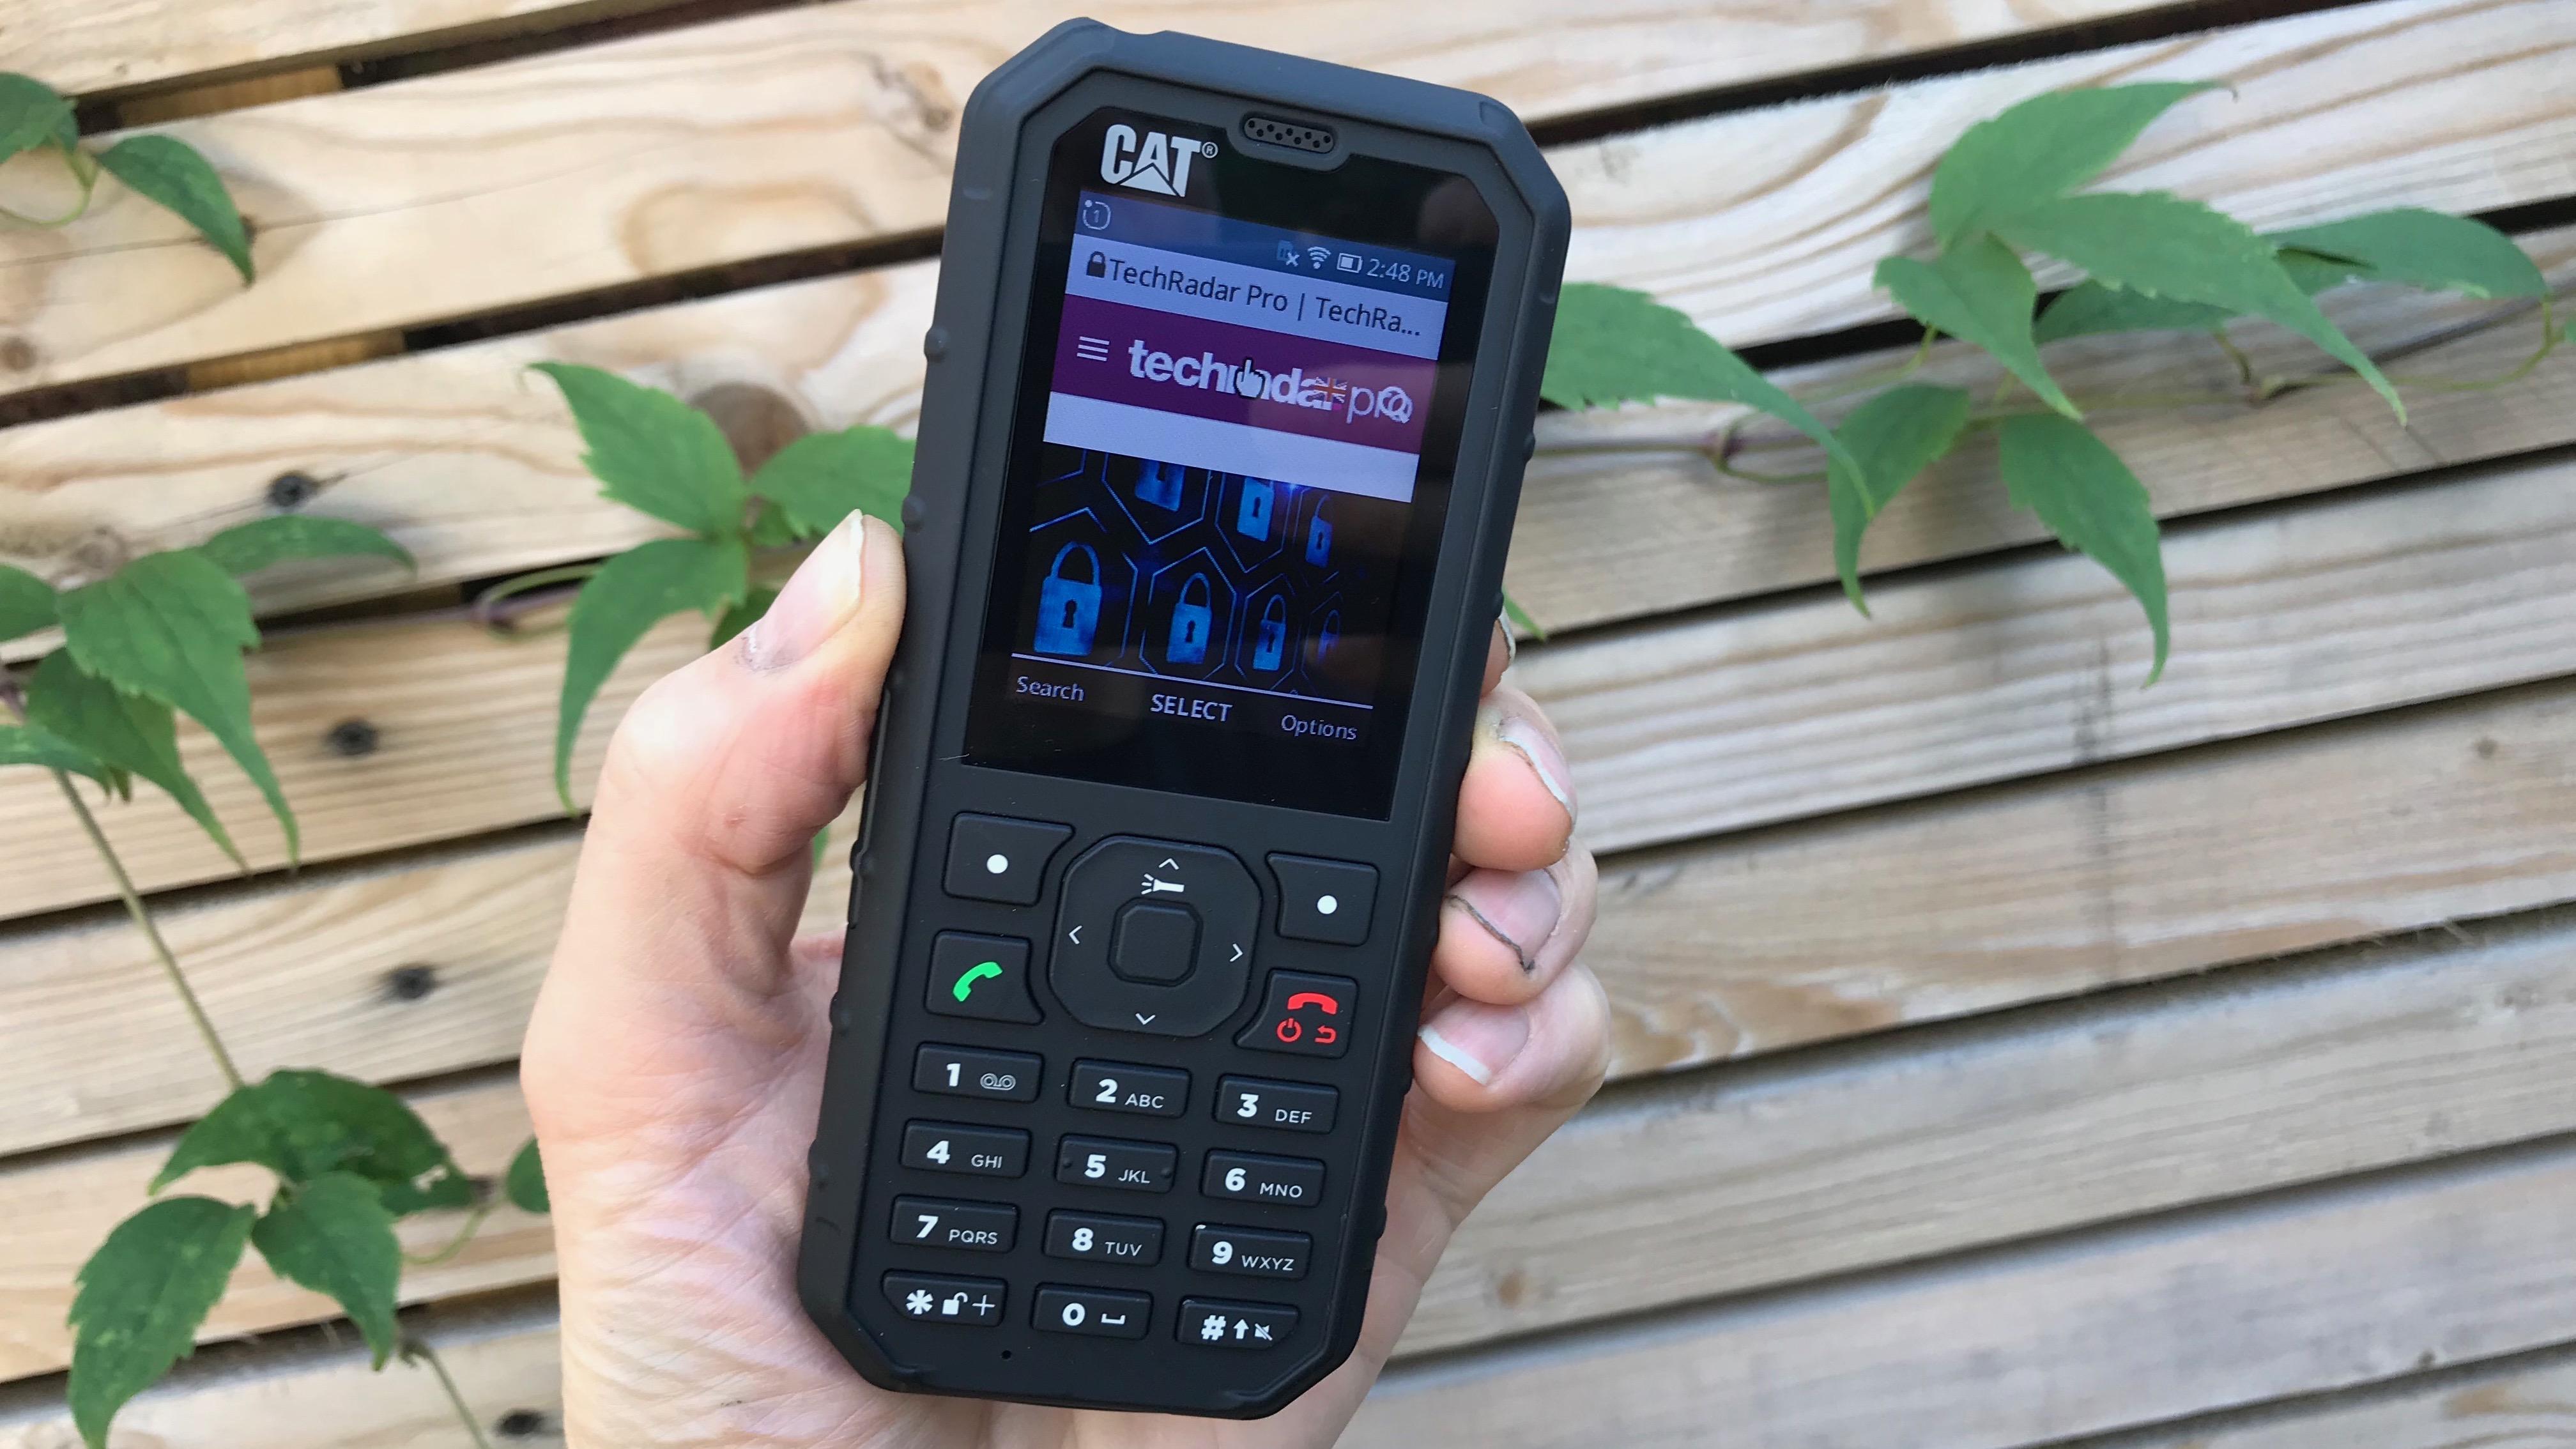 Phone outside